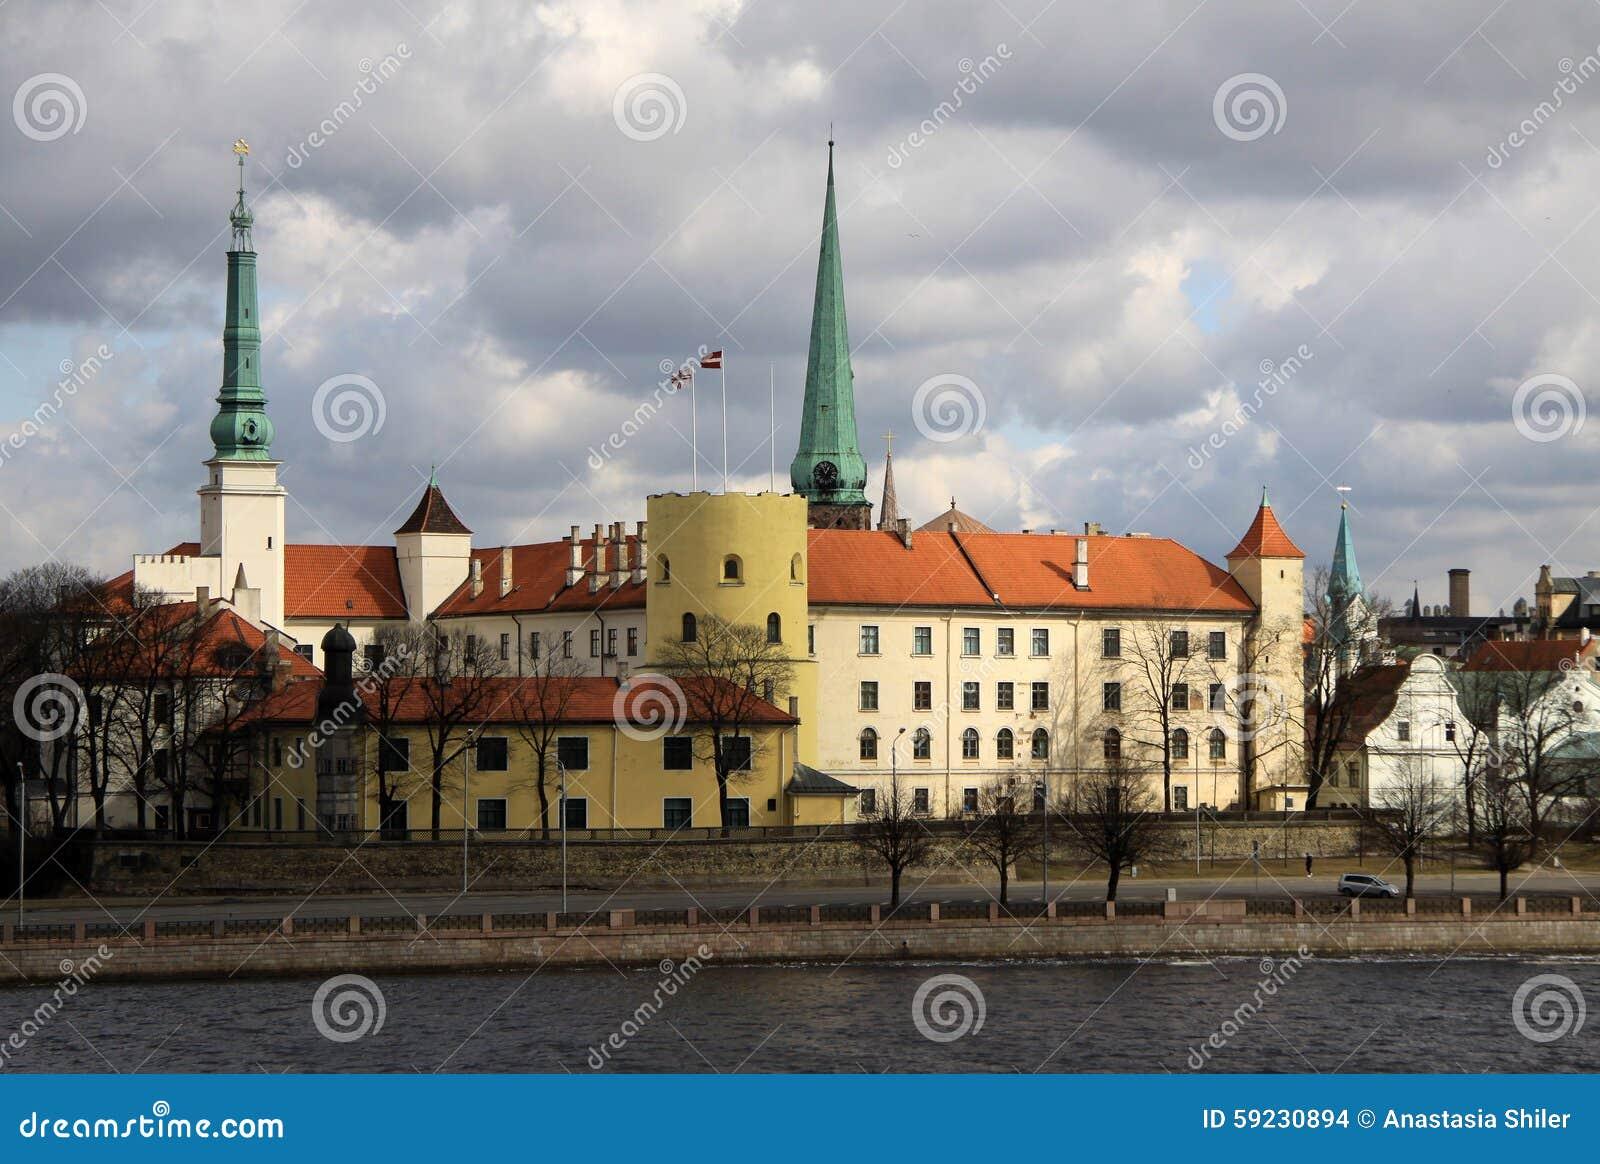 Het kasteel van Riga Het kasteel is een woonplaats voor een president van Letland (Oude Stad, Riga, Letland)